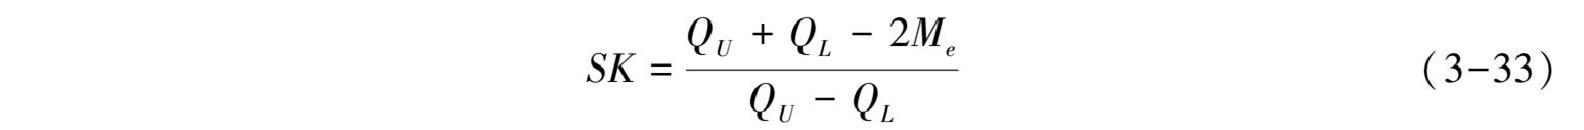 测定偏态的方法:由三个四分位数之间的关系来测定